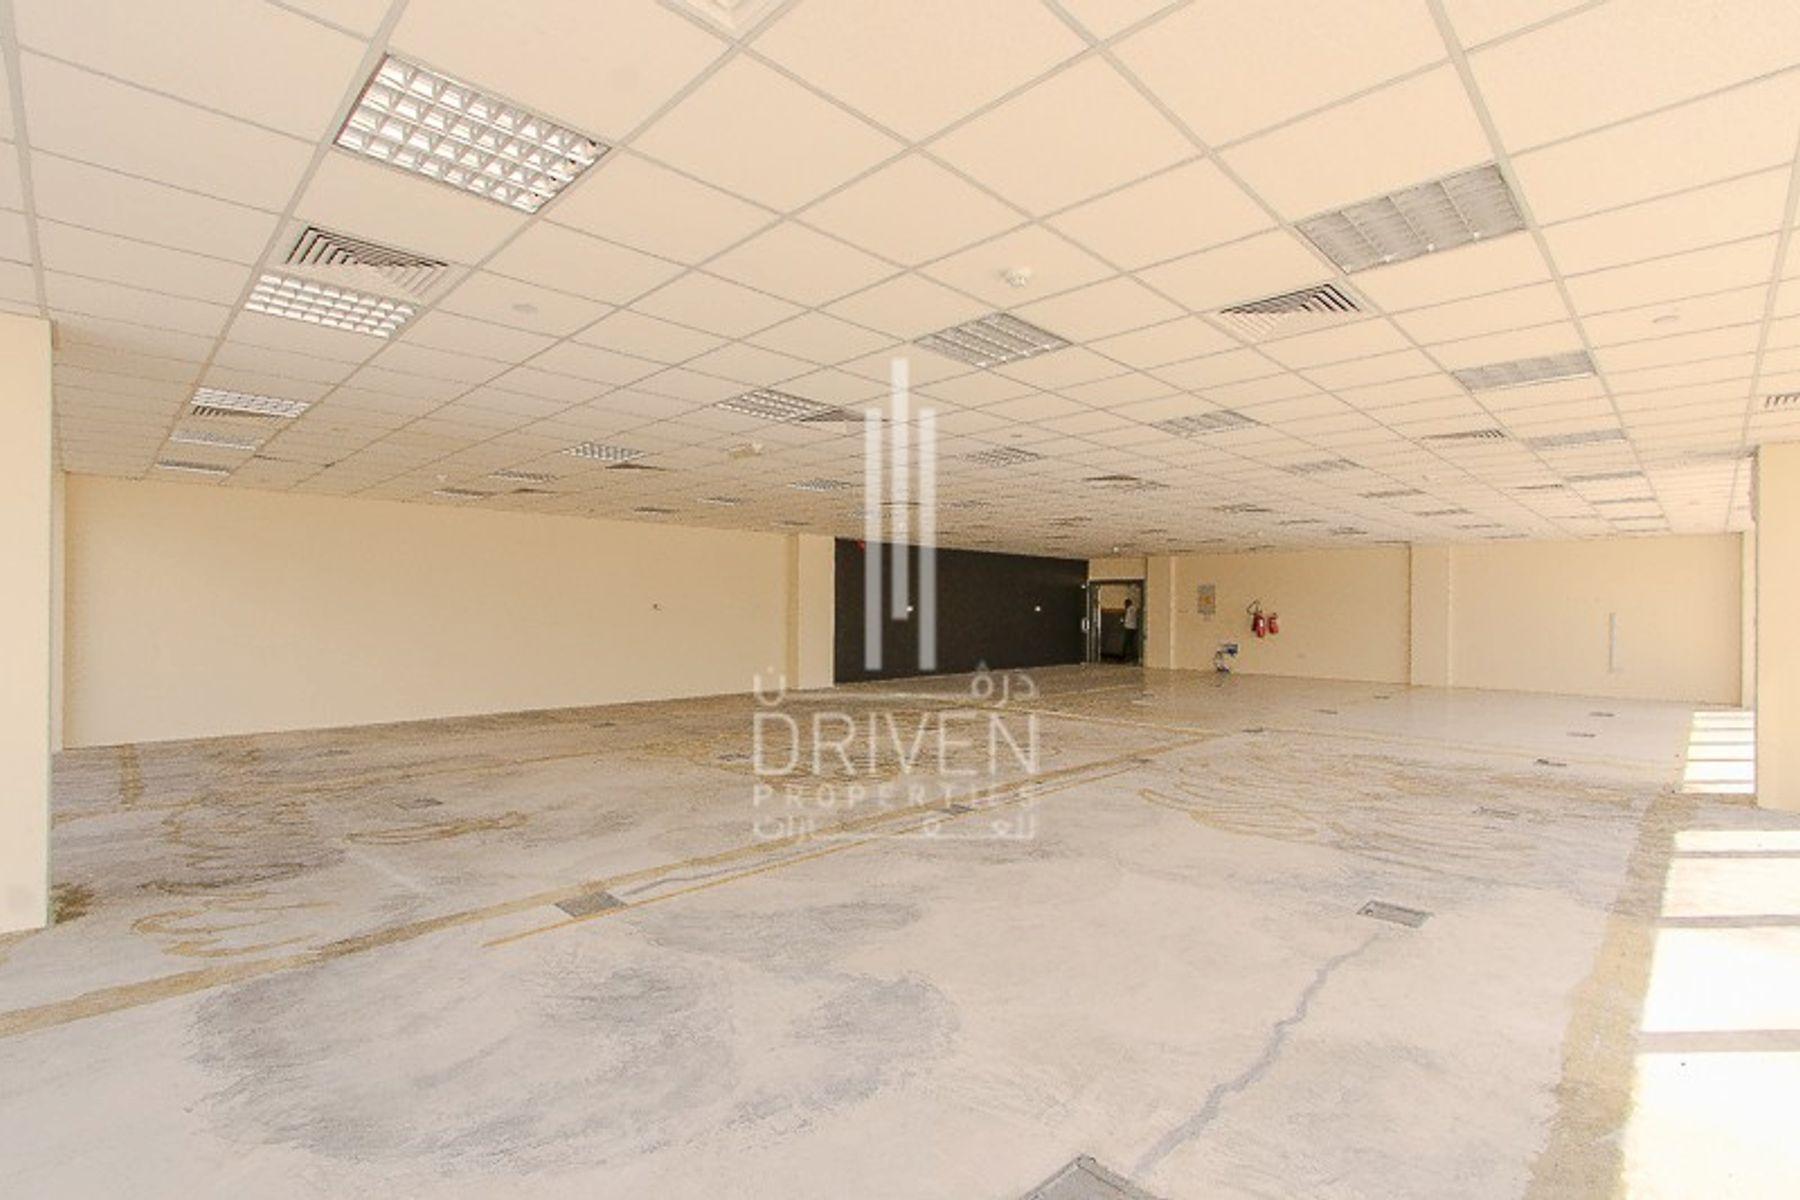 للايجار - مكتب - فالكون هاوس - مجمع دبي للإستثمار